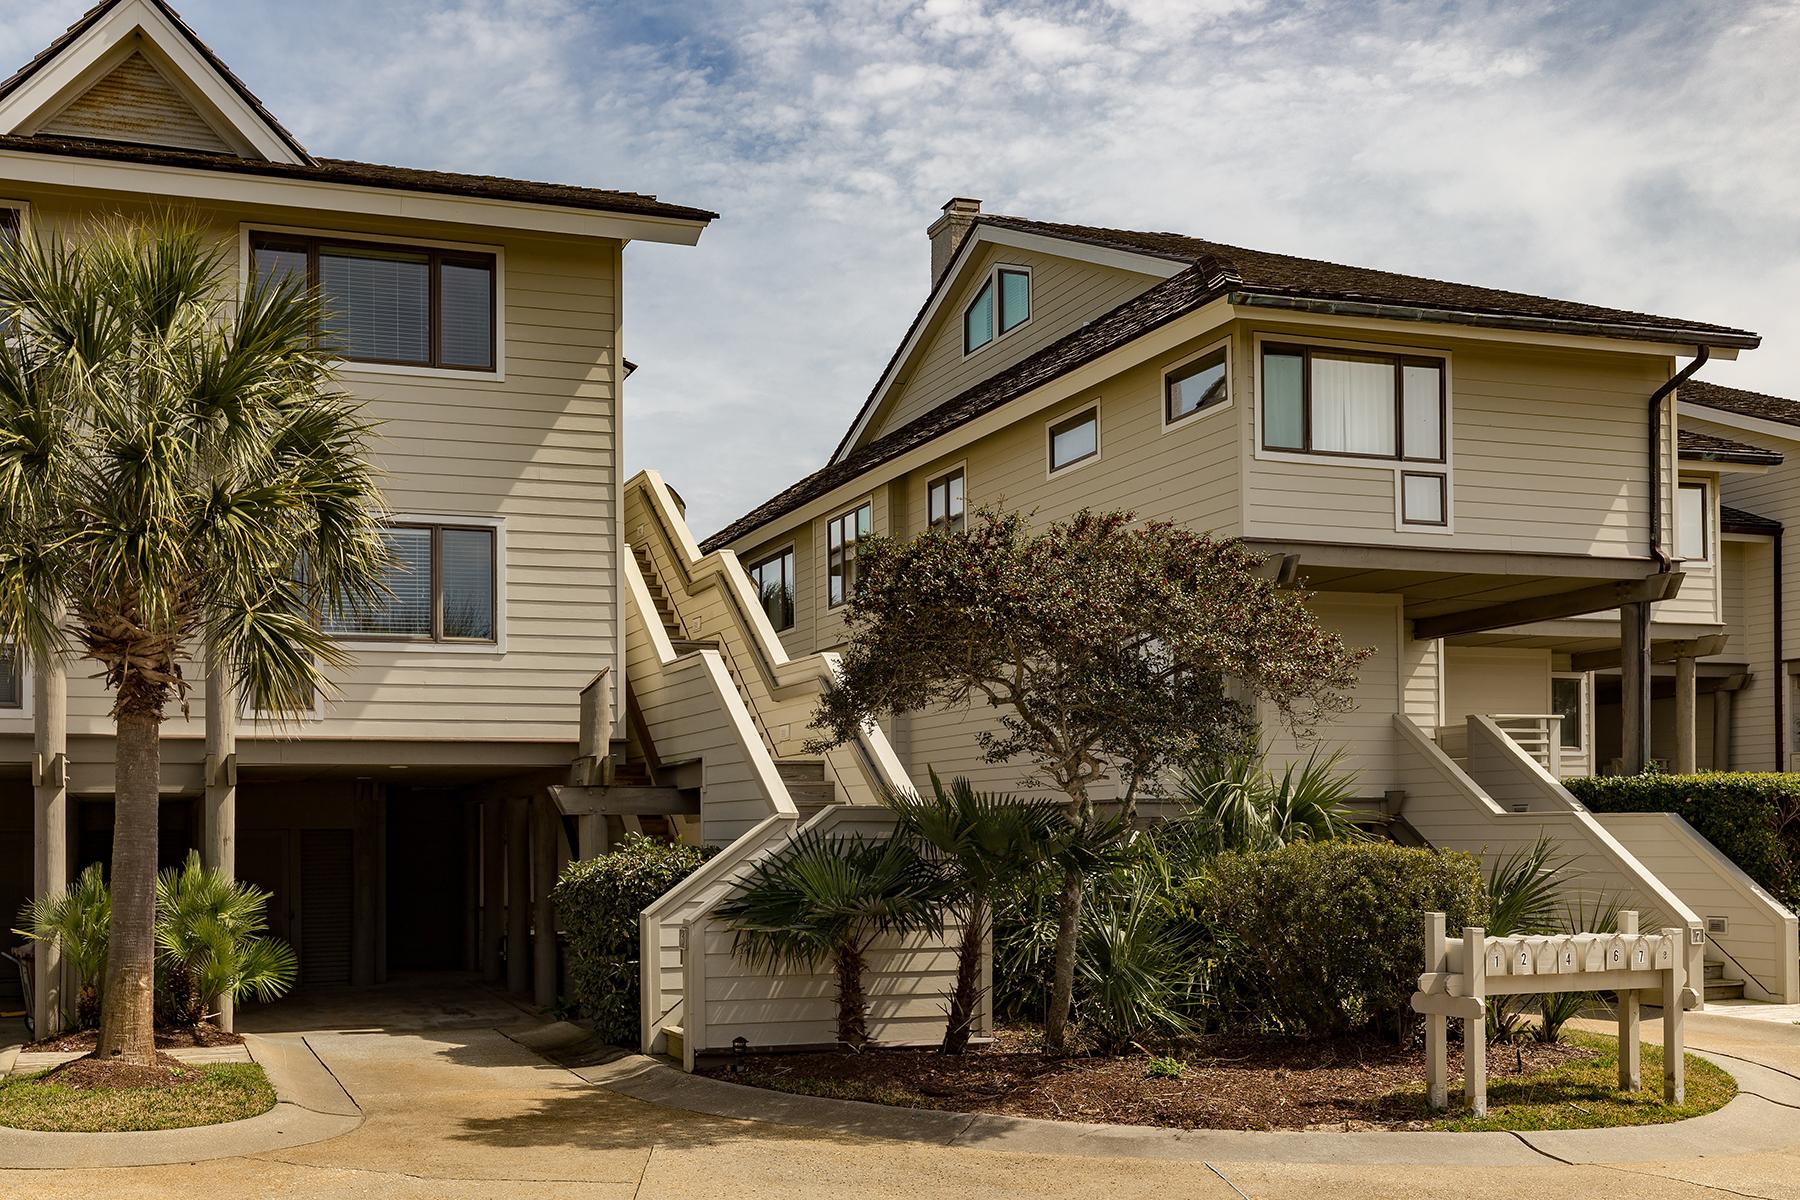 Condomínio para Venda às 1059 Debordieu Blvd. 1059 DeBordieu Blvd Unit 5 Georgetown, Carolina Do Sul, 29440 Estados Unidos